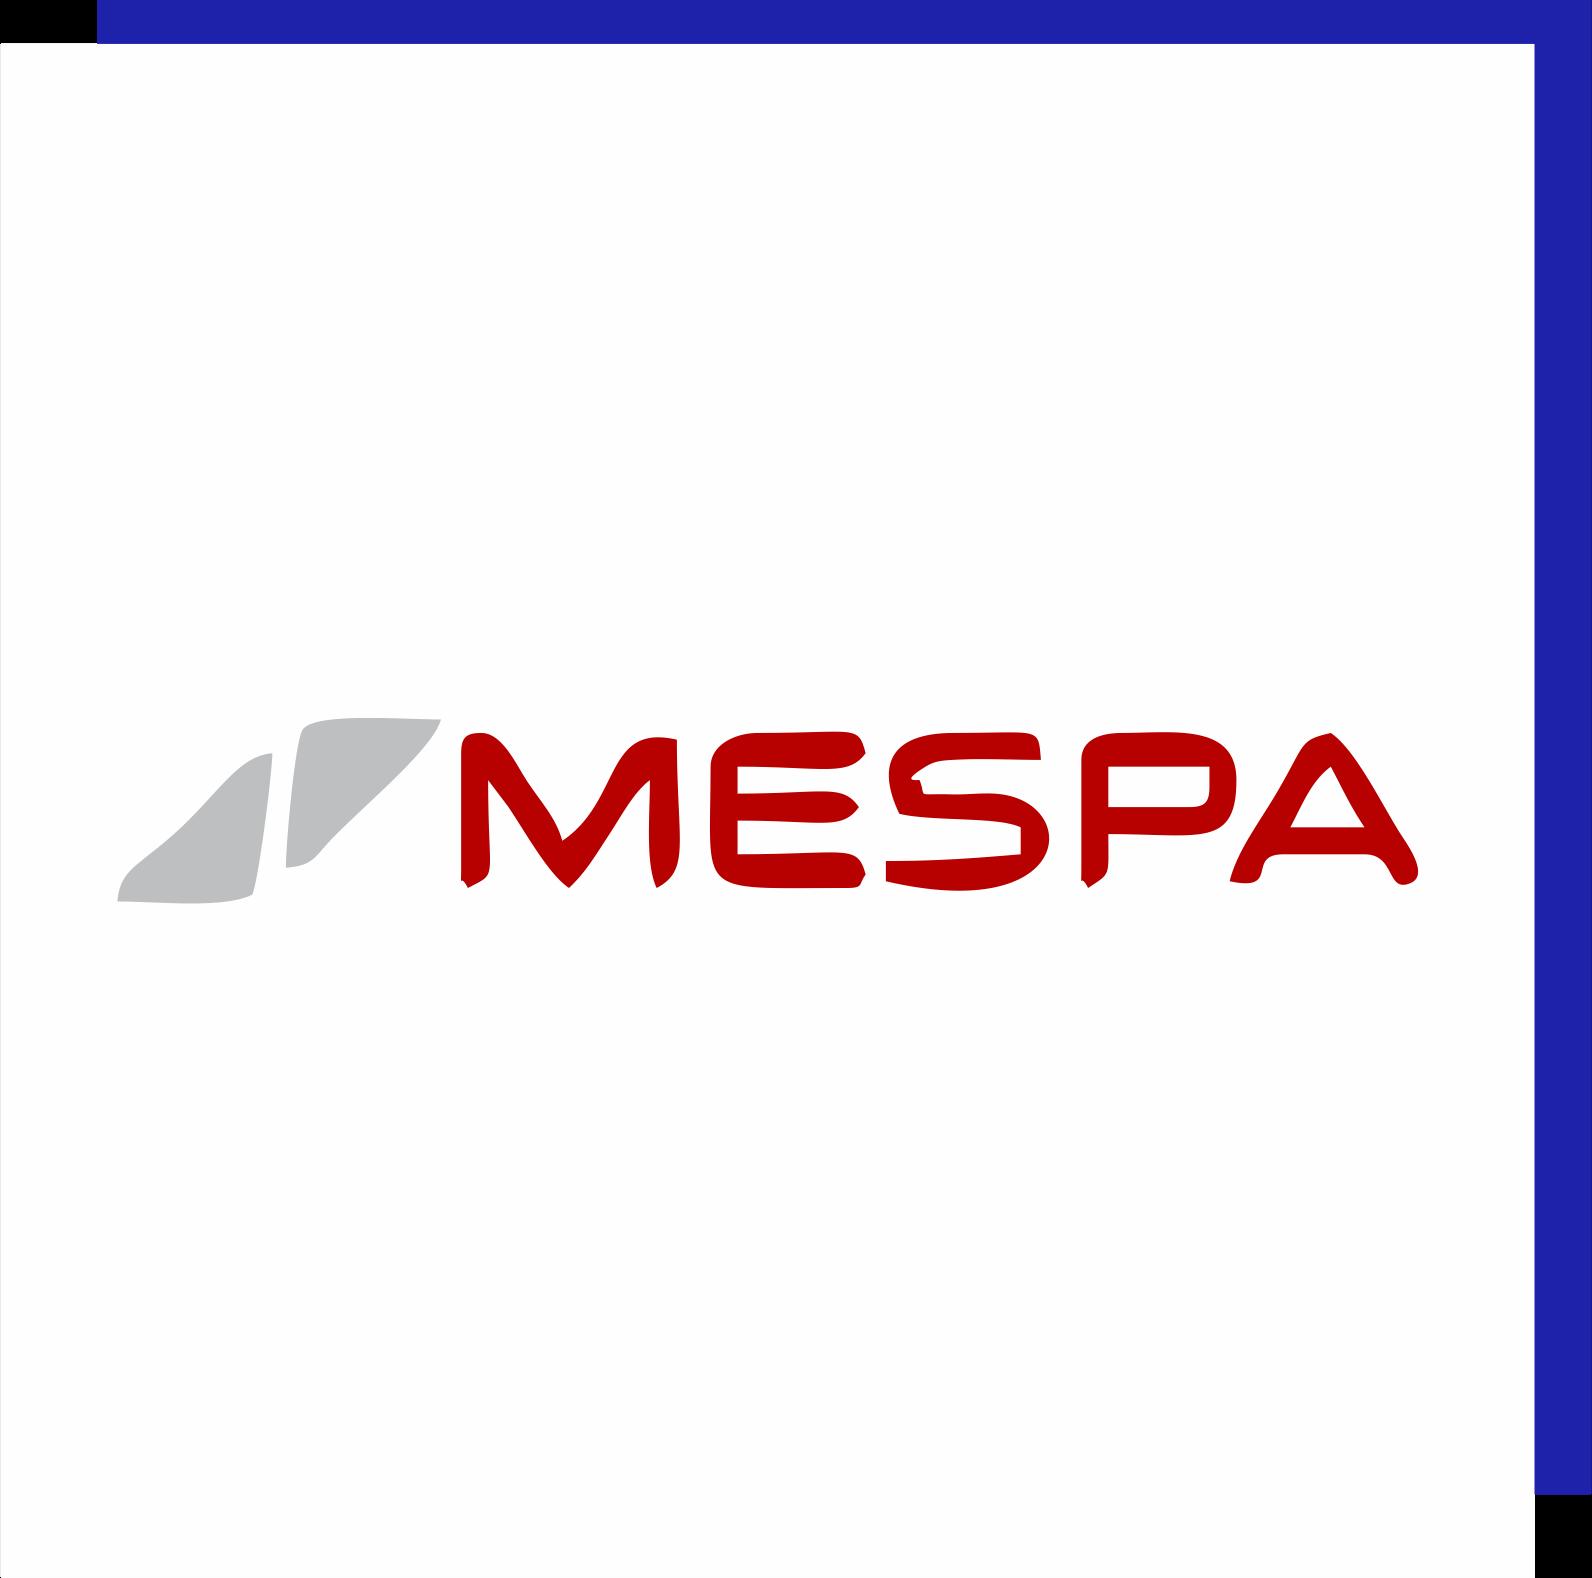 Emzor Hesco - Mespa